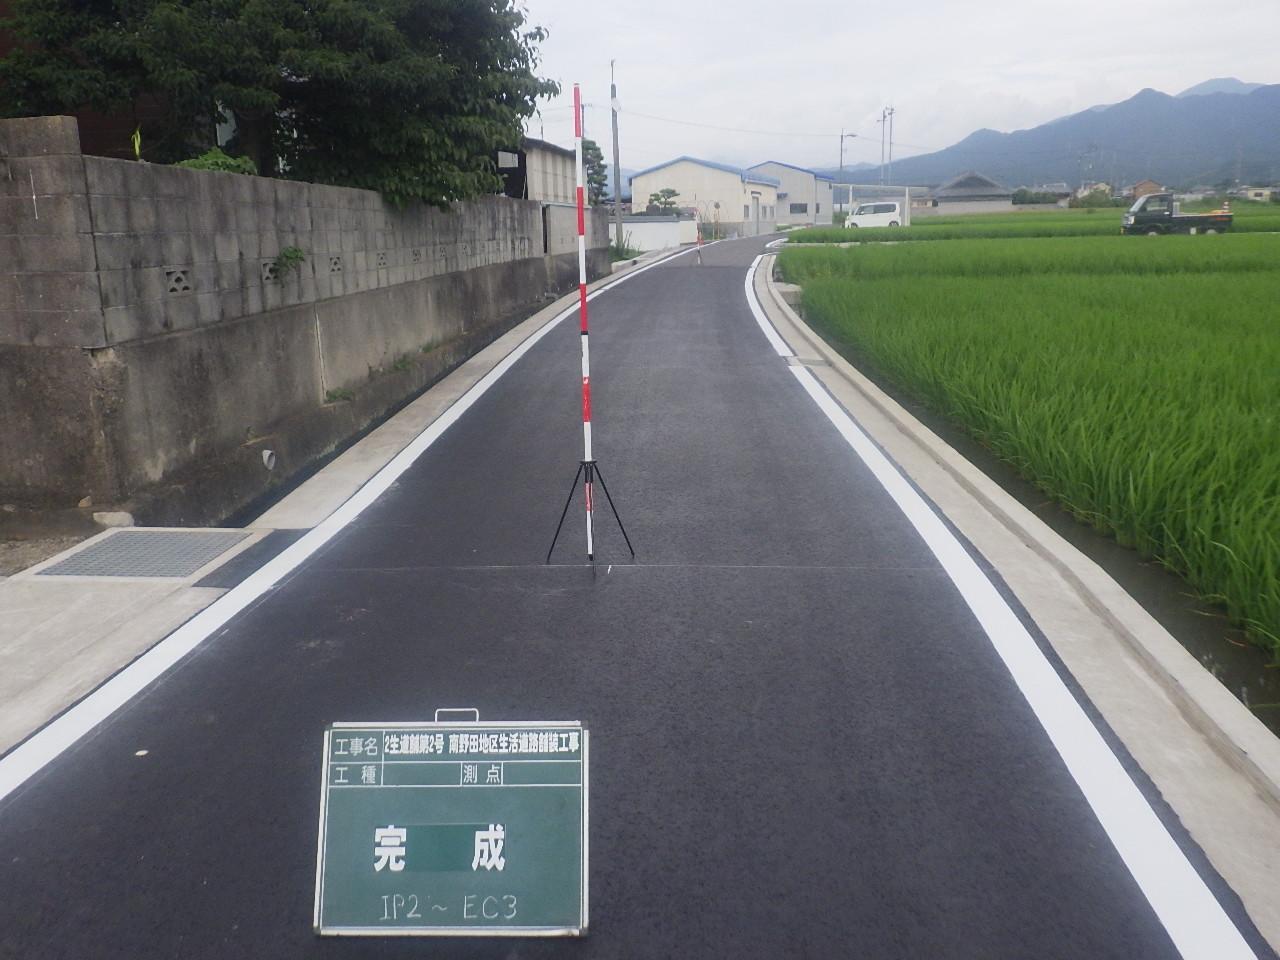 2生道舗第2号南野田地区生活道路舗装工事